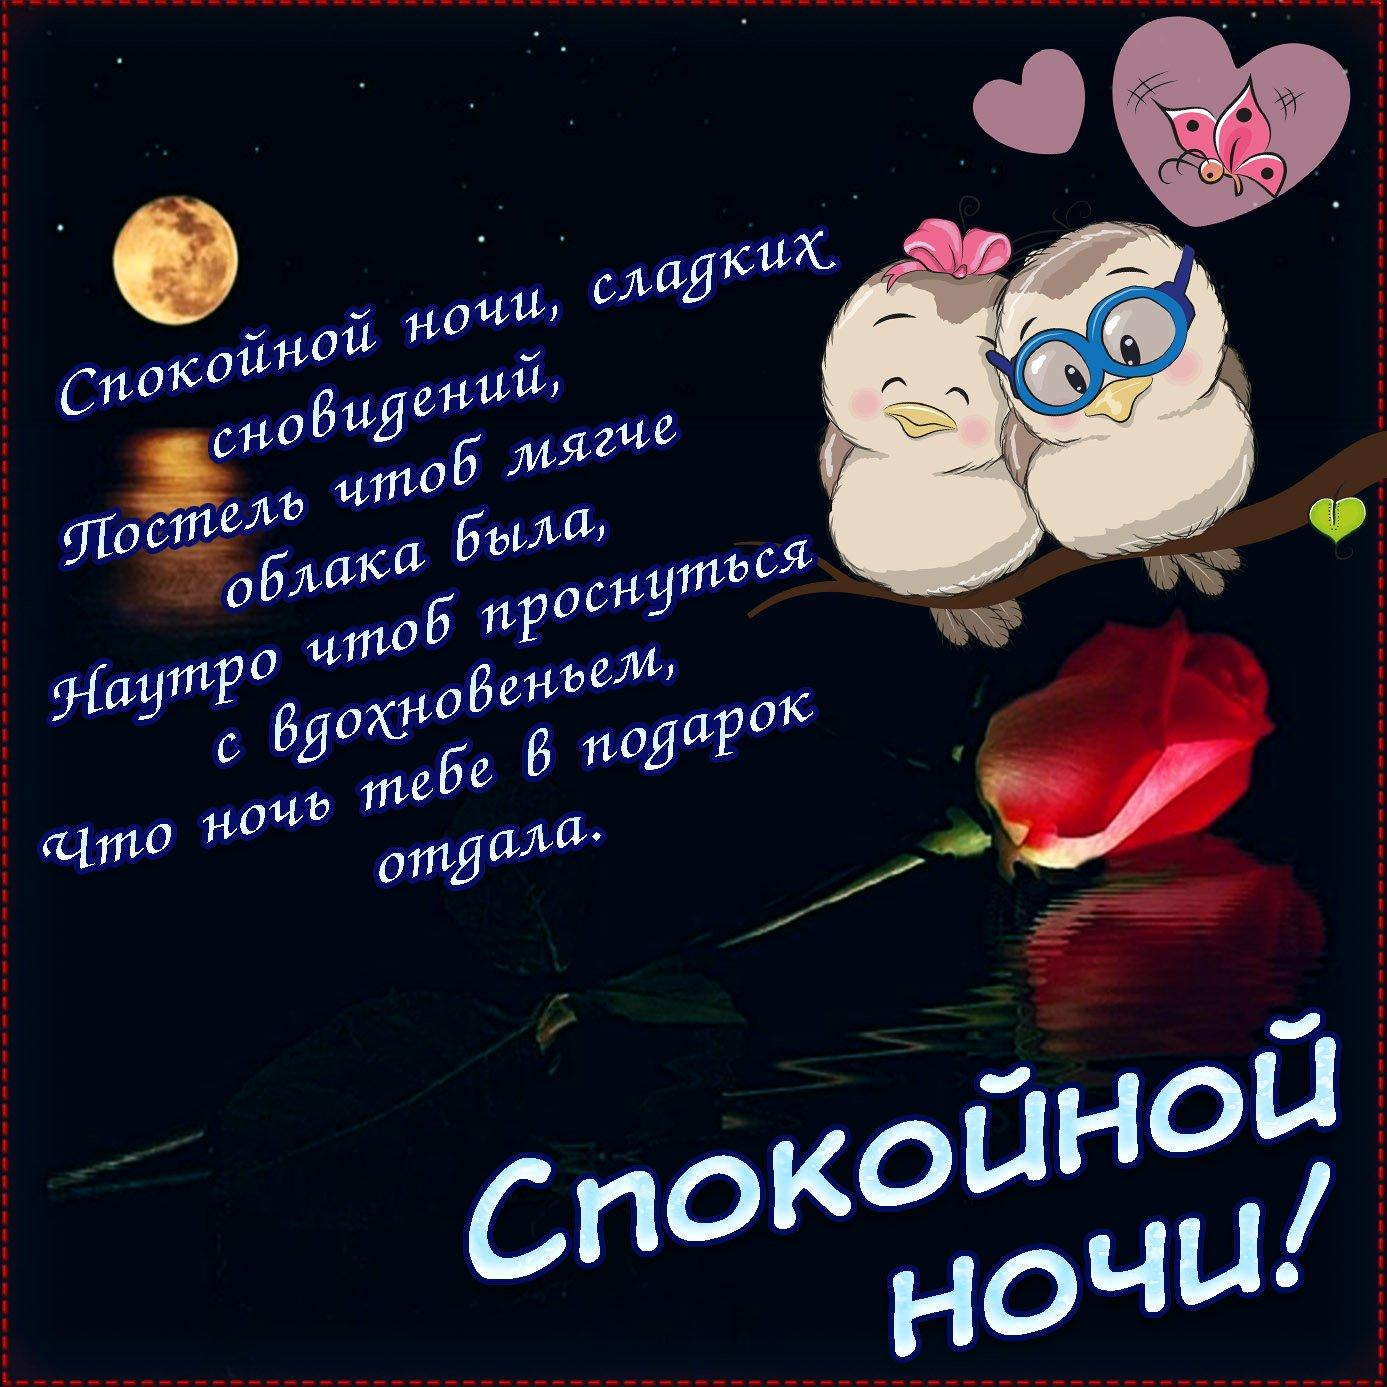 старший пожелание сладкой ночи любимому днем поцелуев картинка